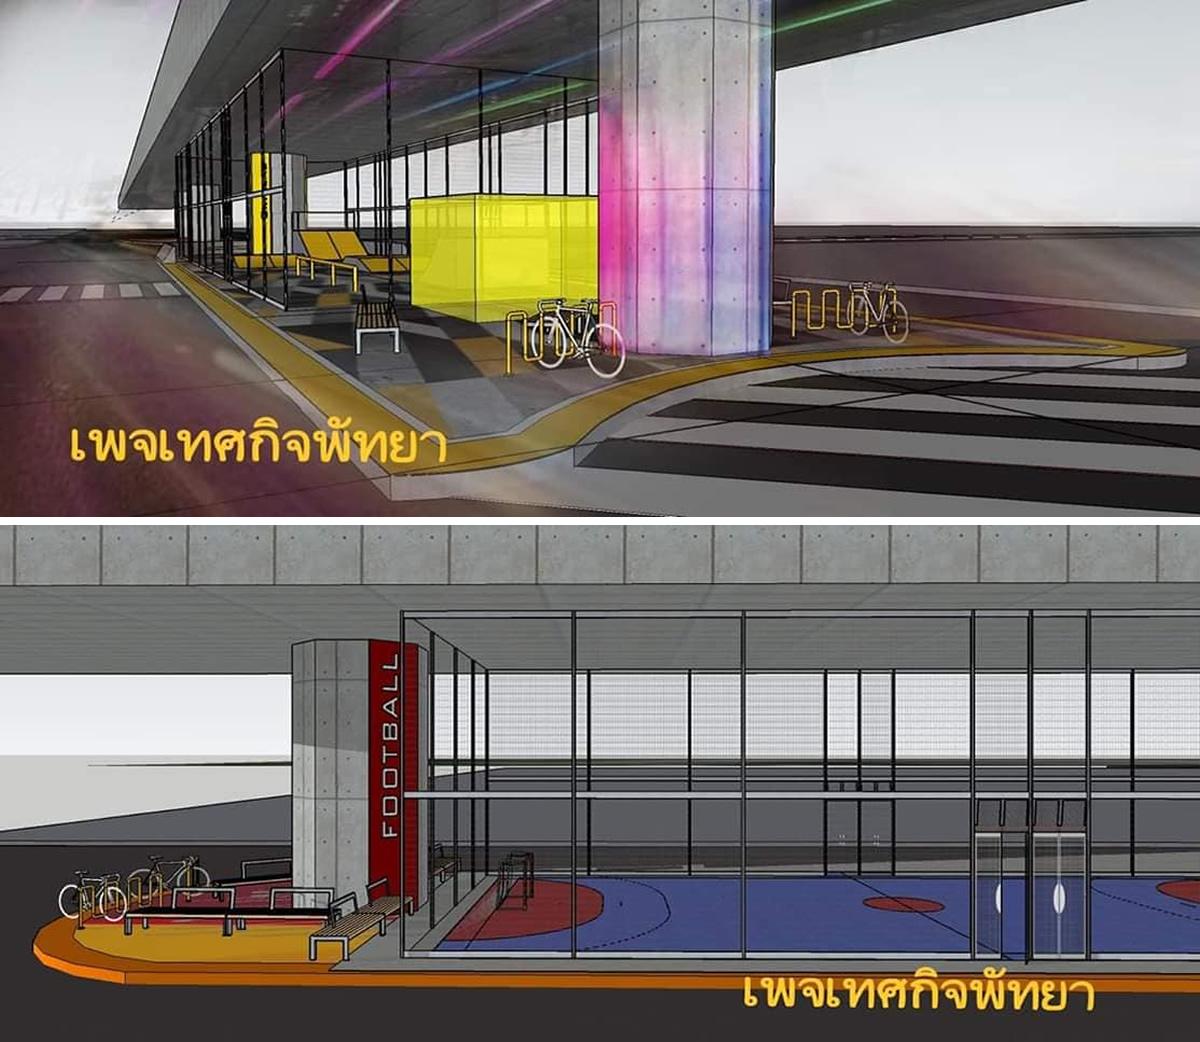 パタヤ高架下にスポーツパーク(仮名)建設決定、バスケコートやスケボー広場